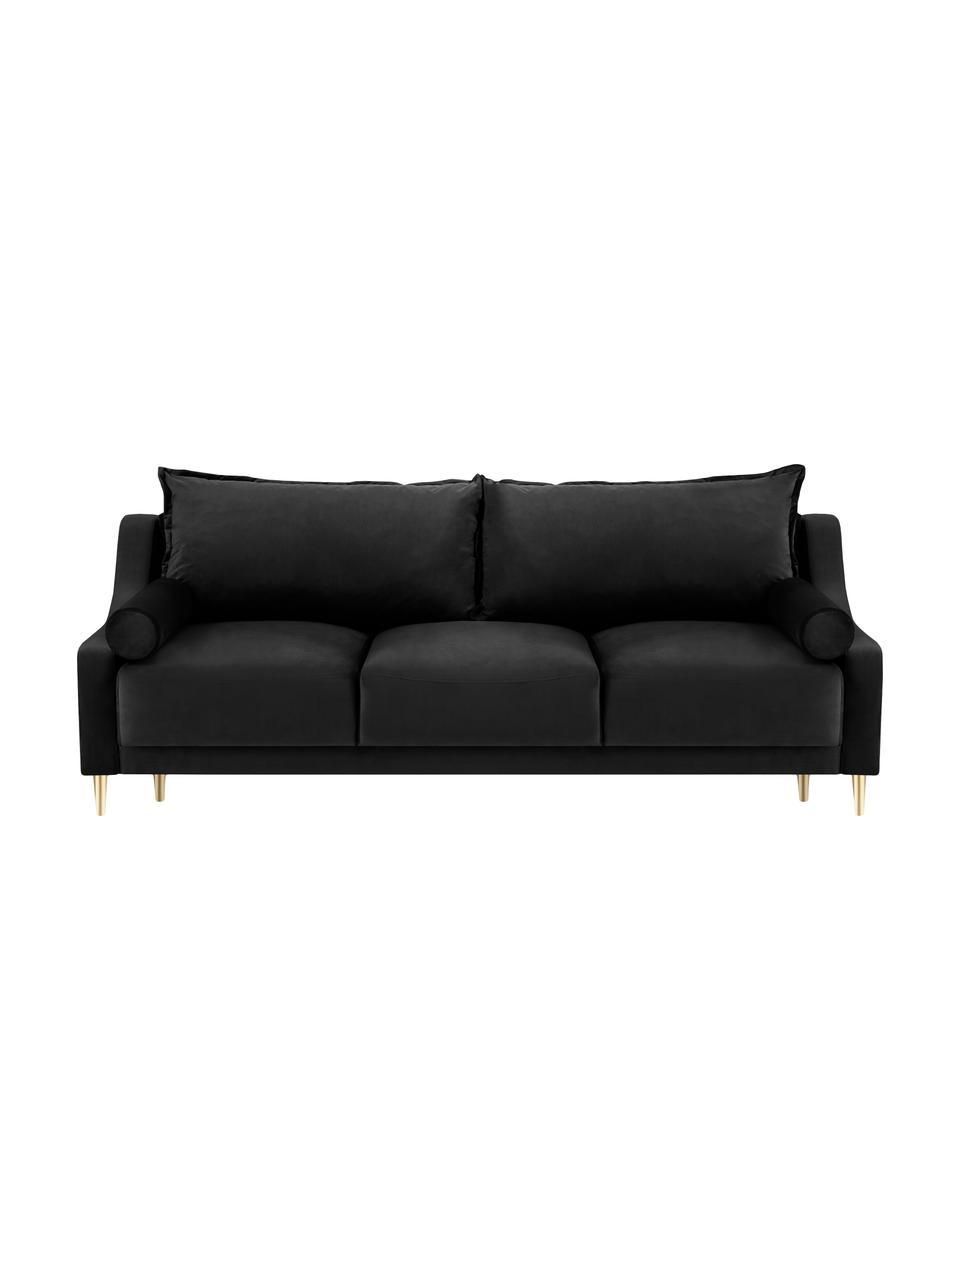 Sofa z aksamitu z funkcją spania i miejscem do przechowywania Lea (3-osobowa), Tapicerka: aksamit poliestrowy Dzięk, Nogi: metal malowany proszkowo, Czarny, S 215 x G 94 cm